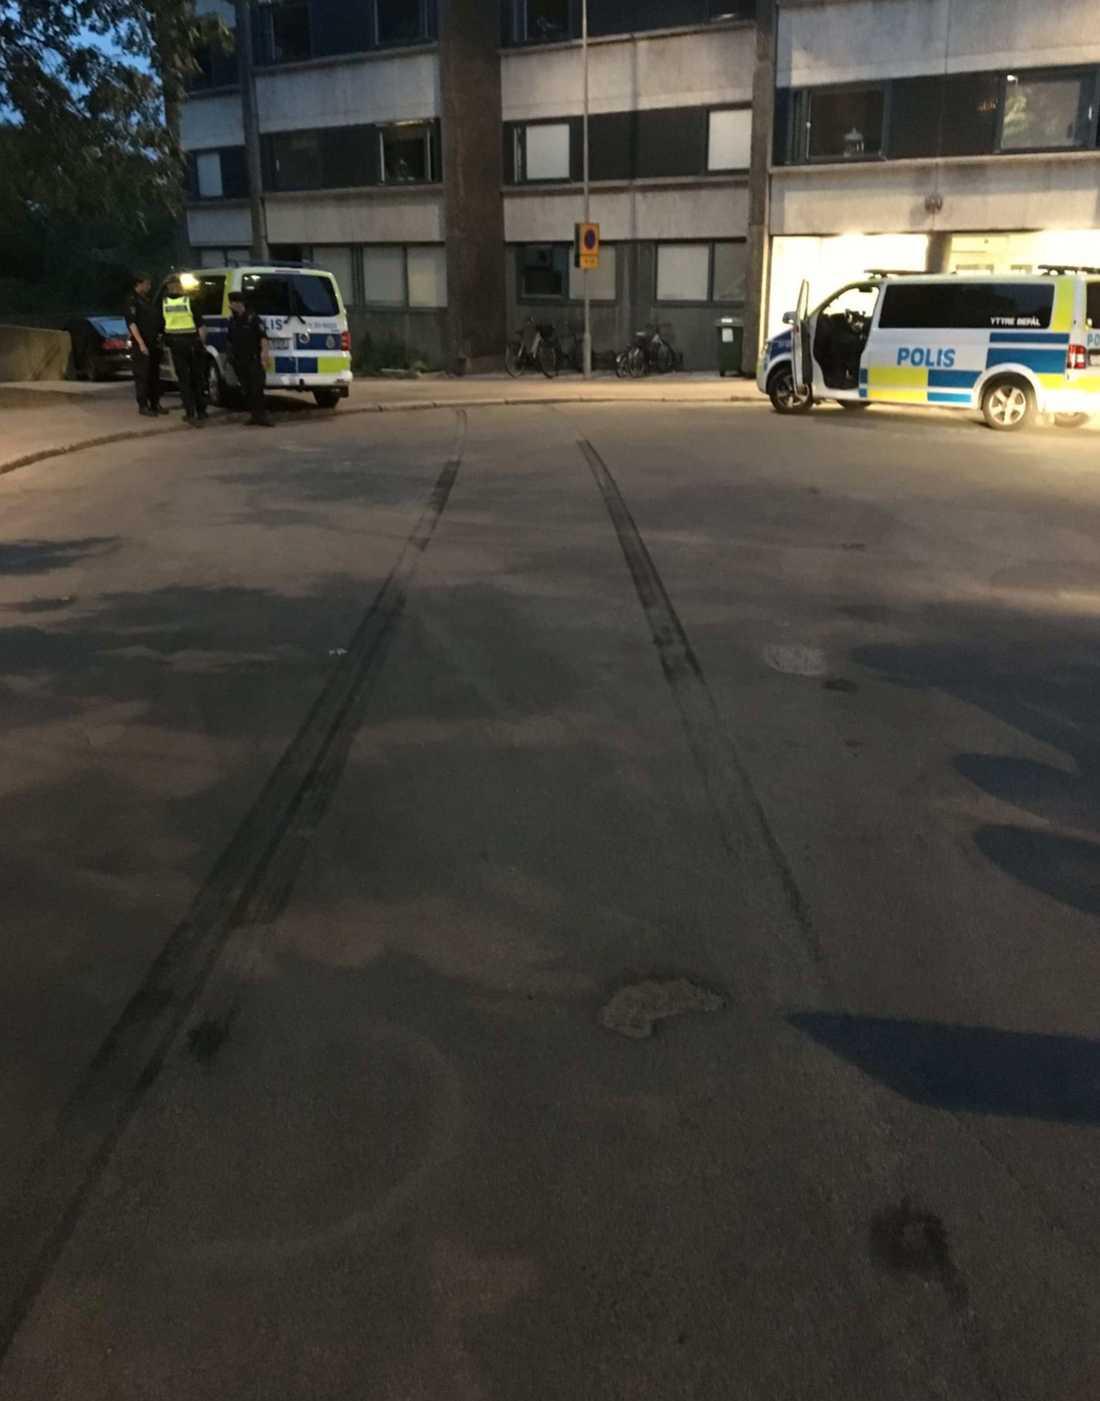 Bromsspåren syns tydligt mellan polisbilarna